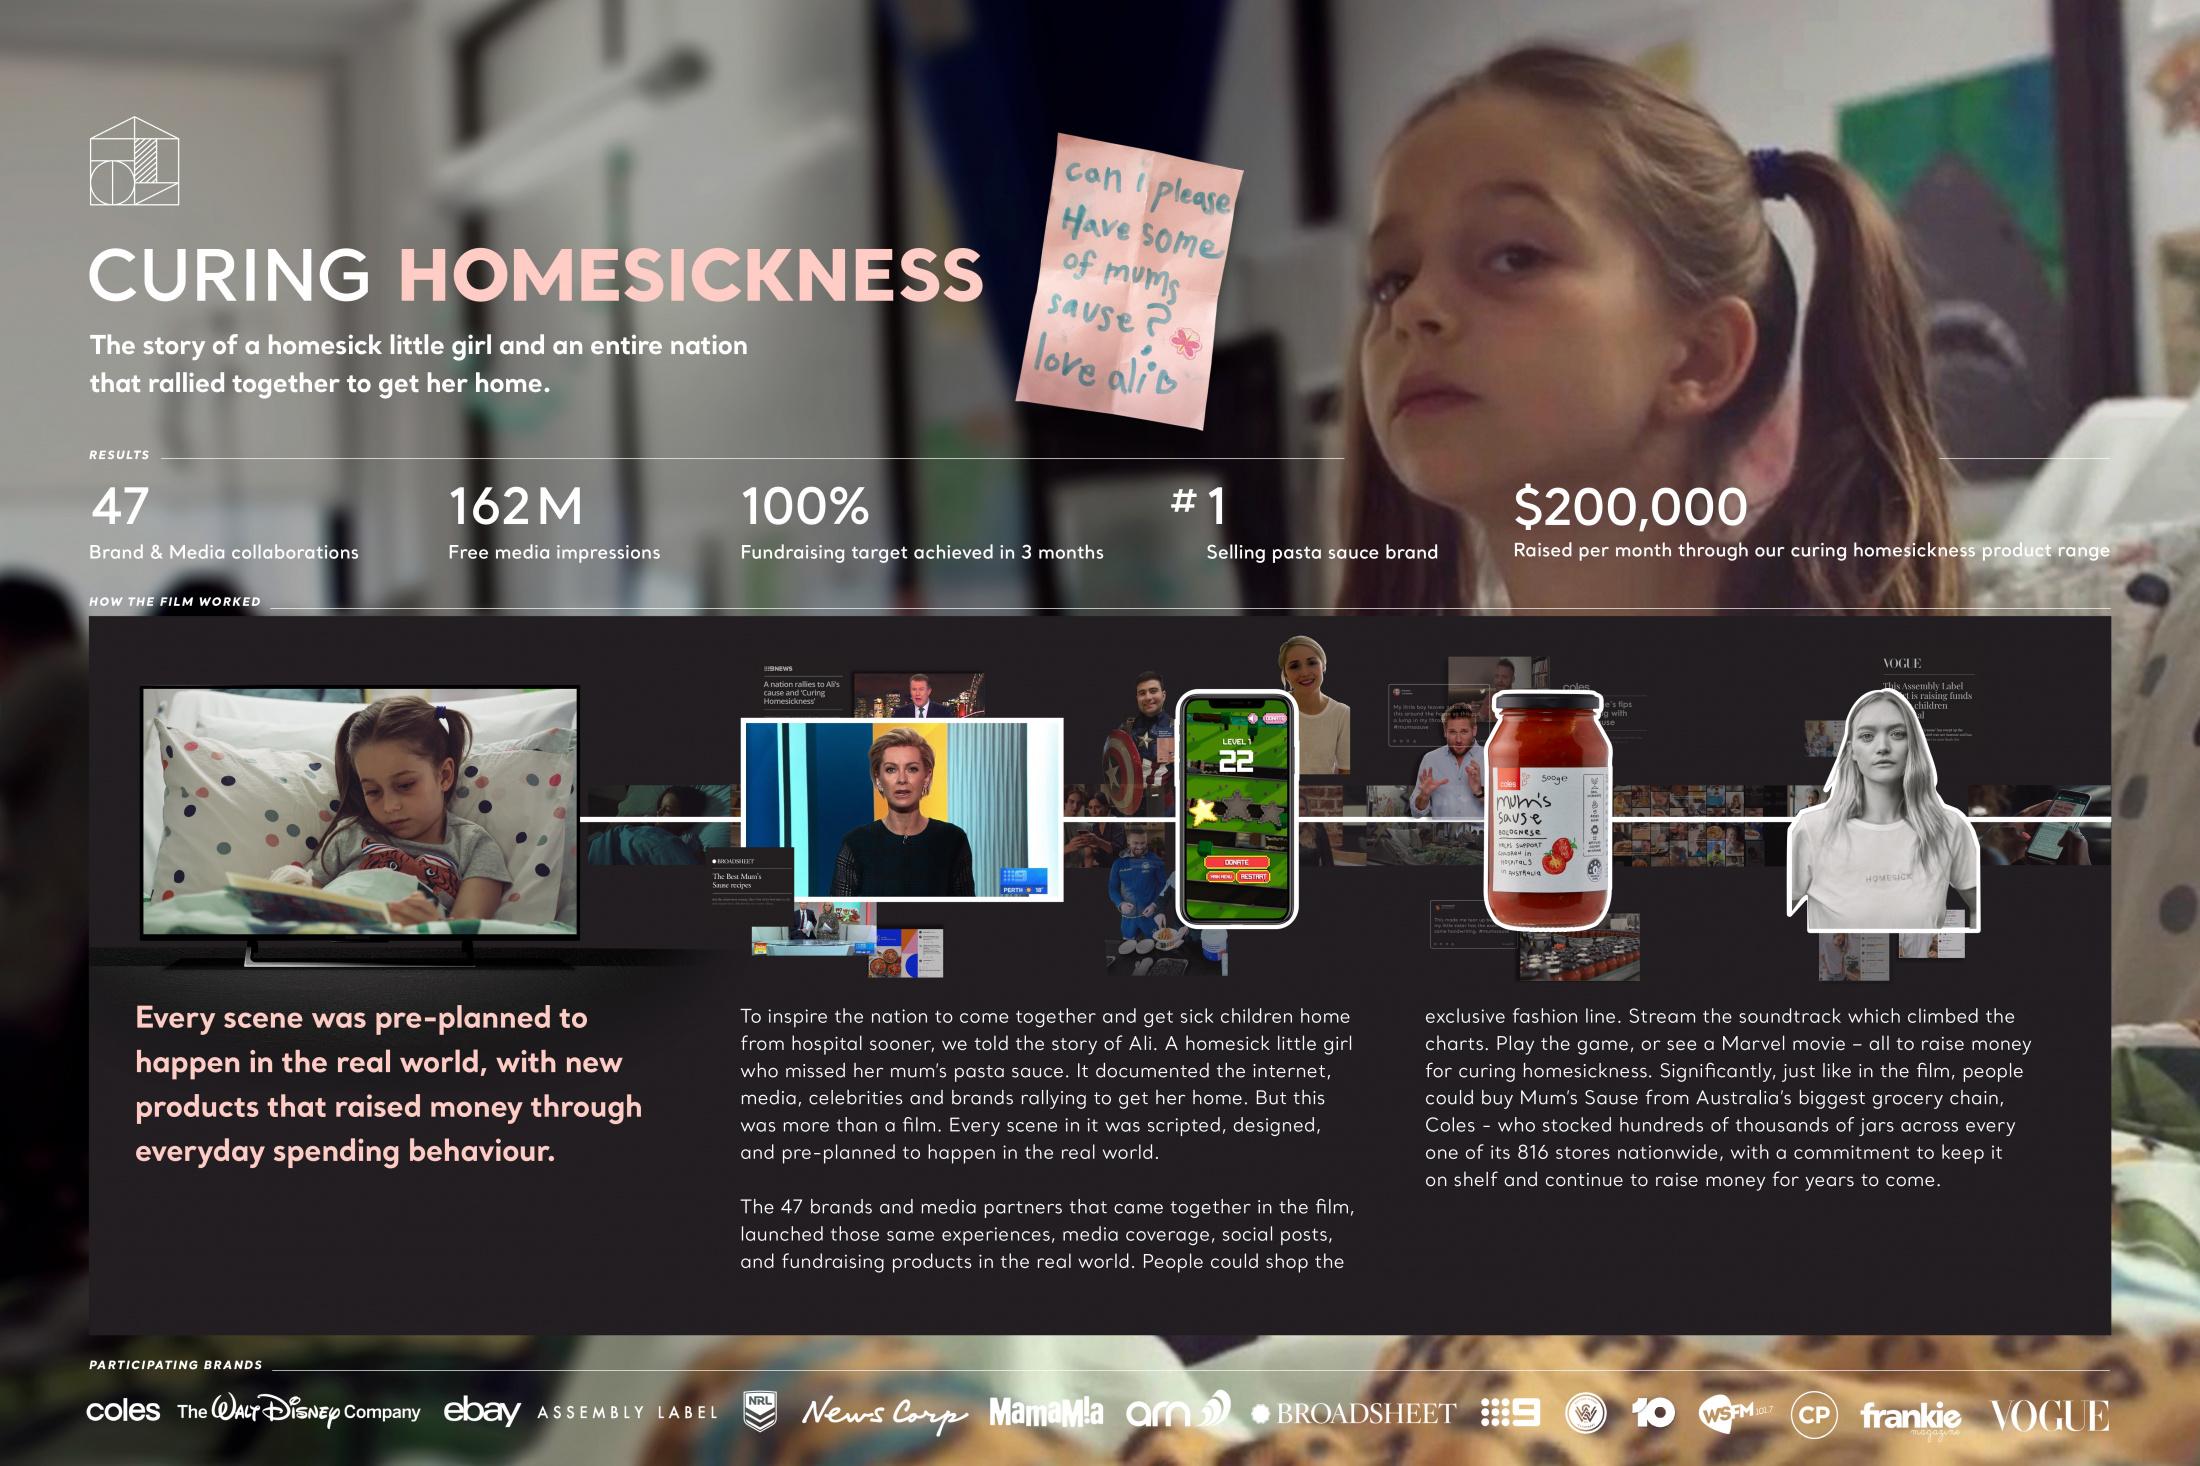 Curing Homesickness Thumbnail